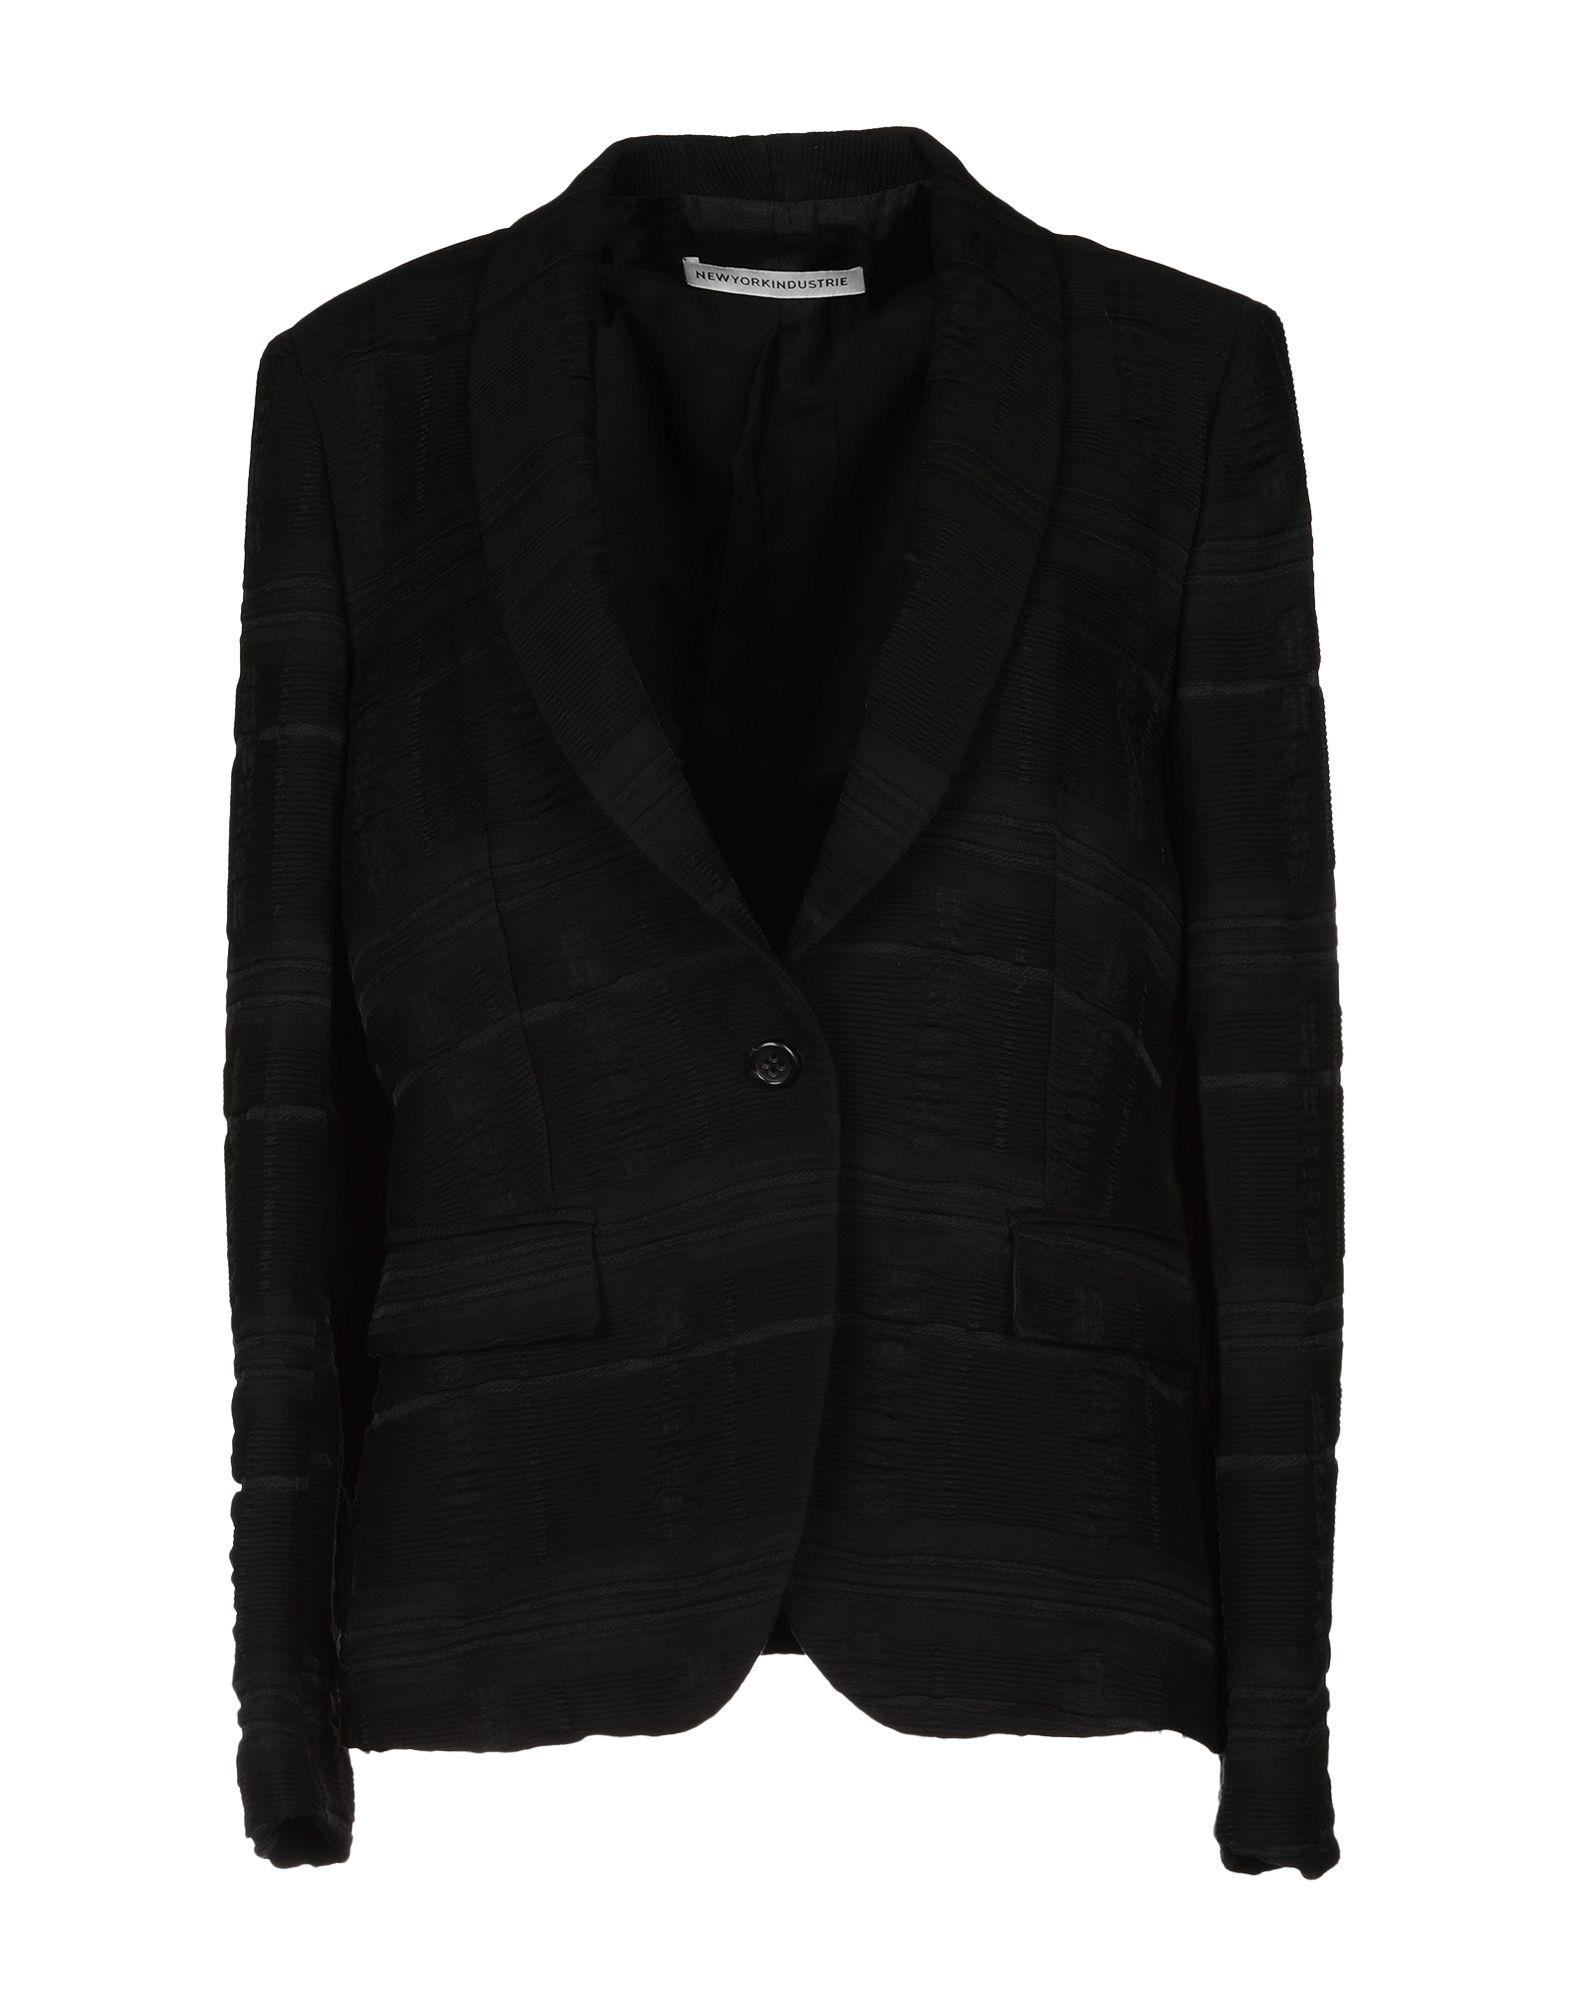 《送料無料》NEW YORK INDUSTRIE レディース テーラードジャケット ブラック 44 90% レーヨン 10% ナイロン